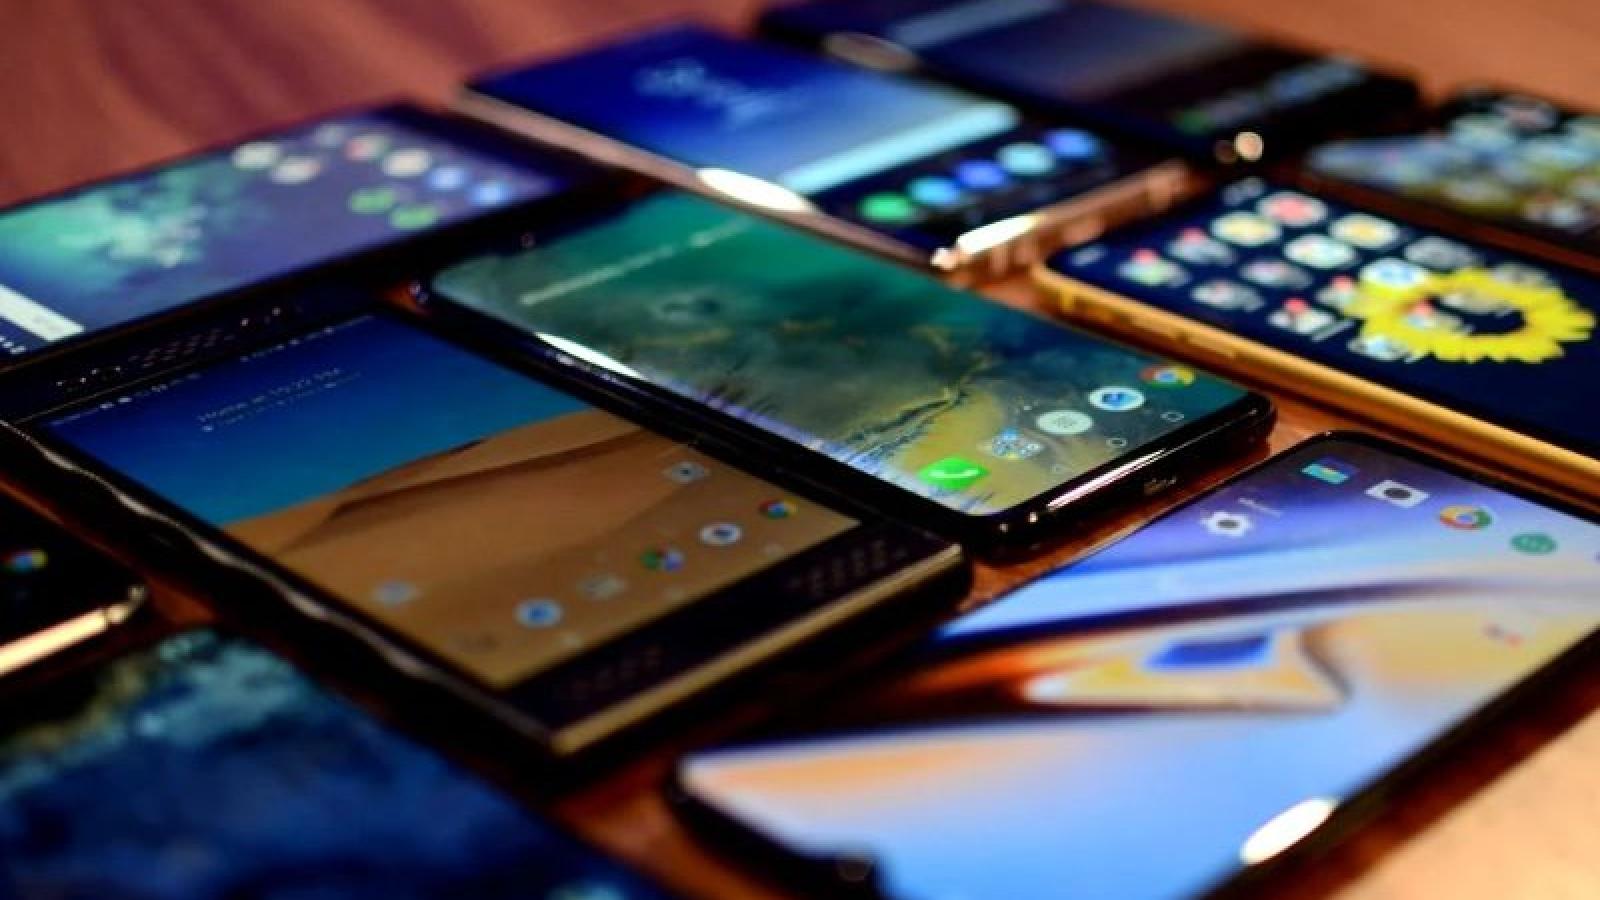 Thị trường smartphone lập kỷ lục doanh thu khi dịch bệnh dần kiểm soát